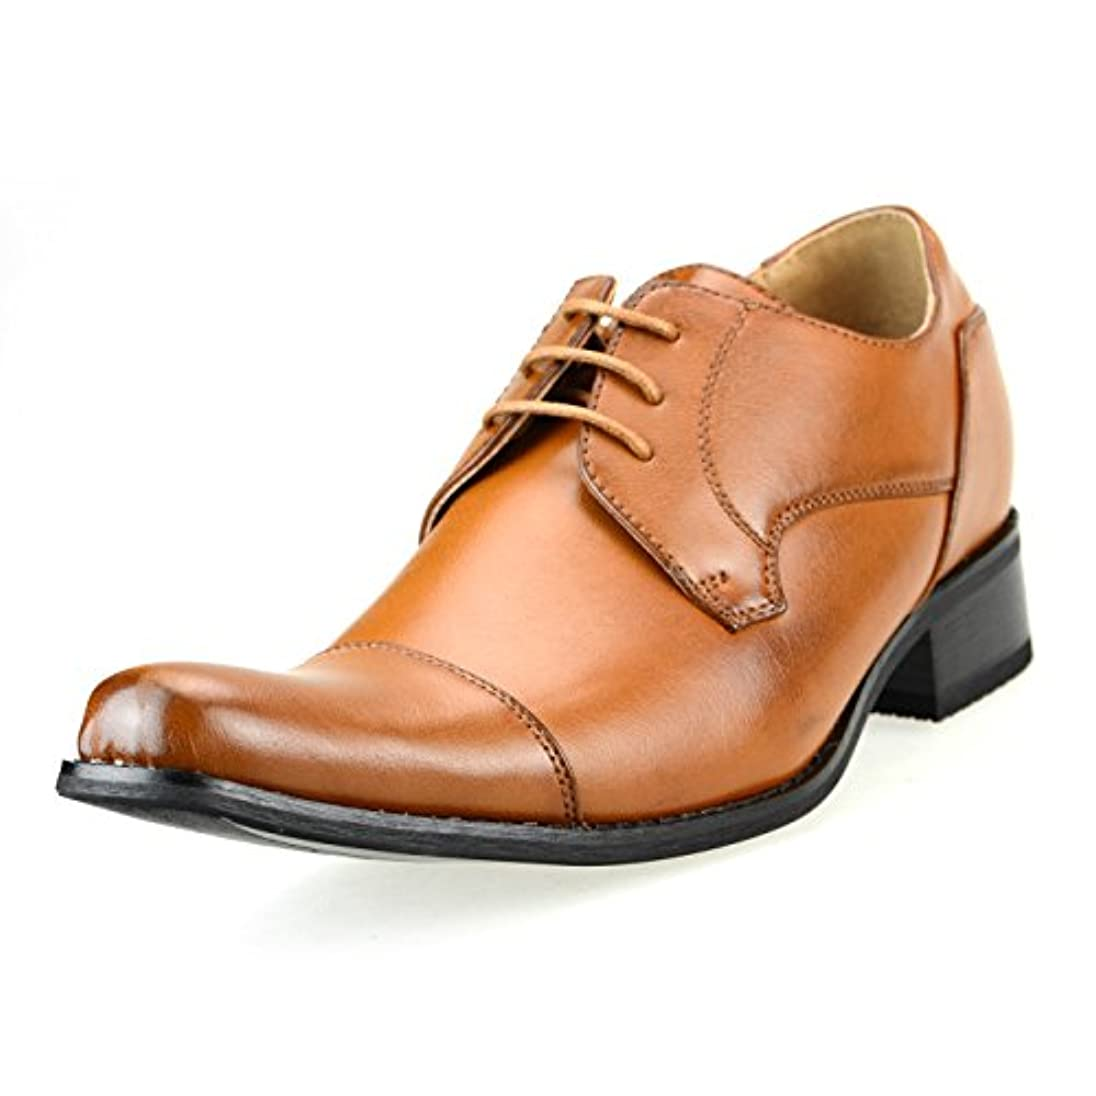 追加通知放棄[エムエムワン] MM/ONE ビジネス シューズ メンズ シークレット シューズ インヒール 身長7.0cmUP 靴 背が高くなる ロングノーズ ストレートチップ 外羽根 【 H2701SZ 】